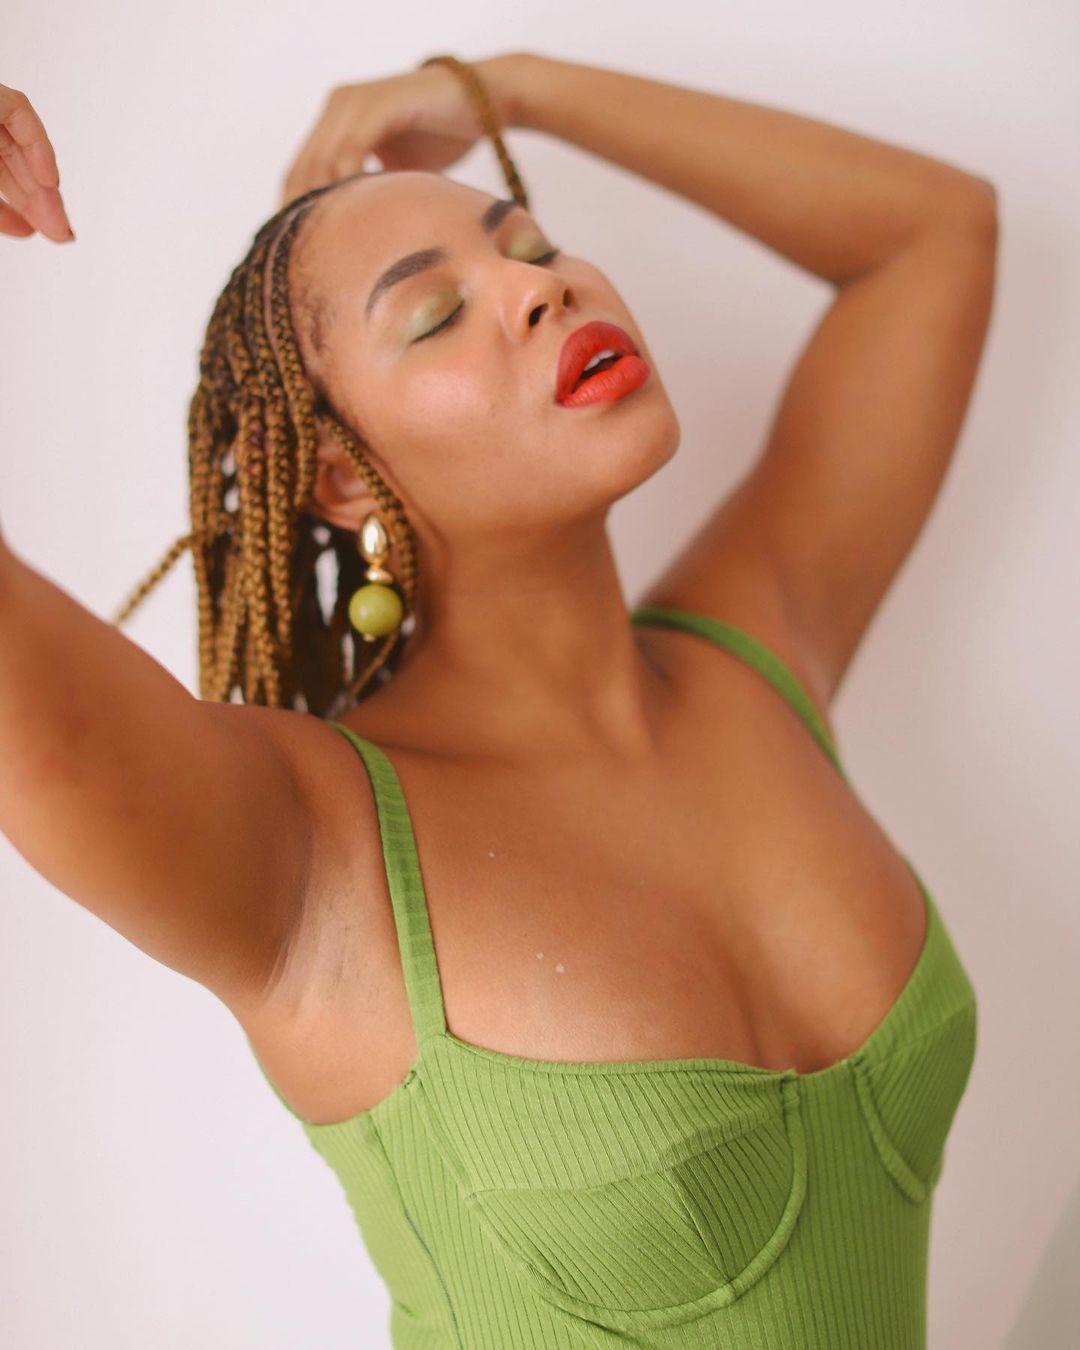 Garota usando body verde com decote meia taça. Ela está numa pose espontânea com a cabeça levemente inclinada para cima, os olhos fechados, batom vermelho, brinco dourado e verde, com os braços para trás da cabeça.